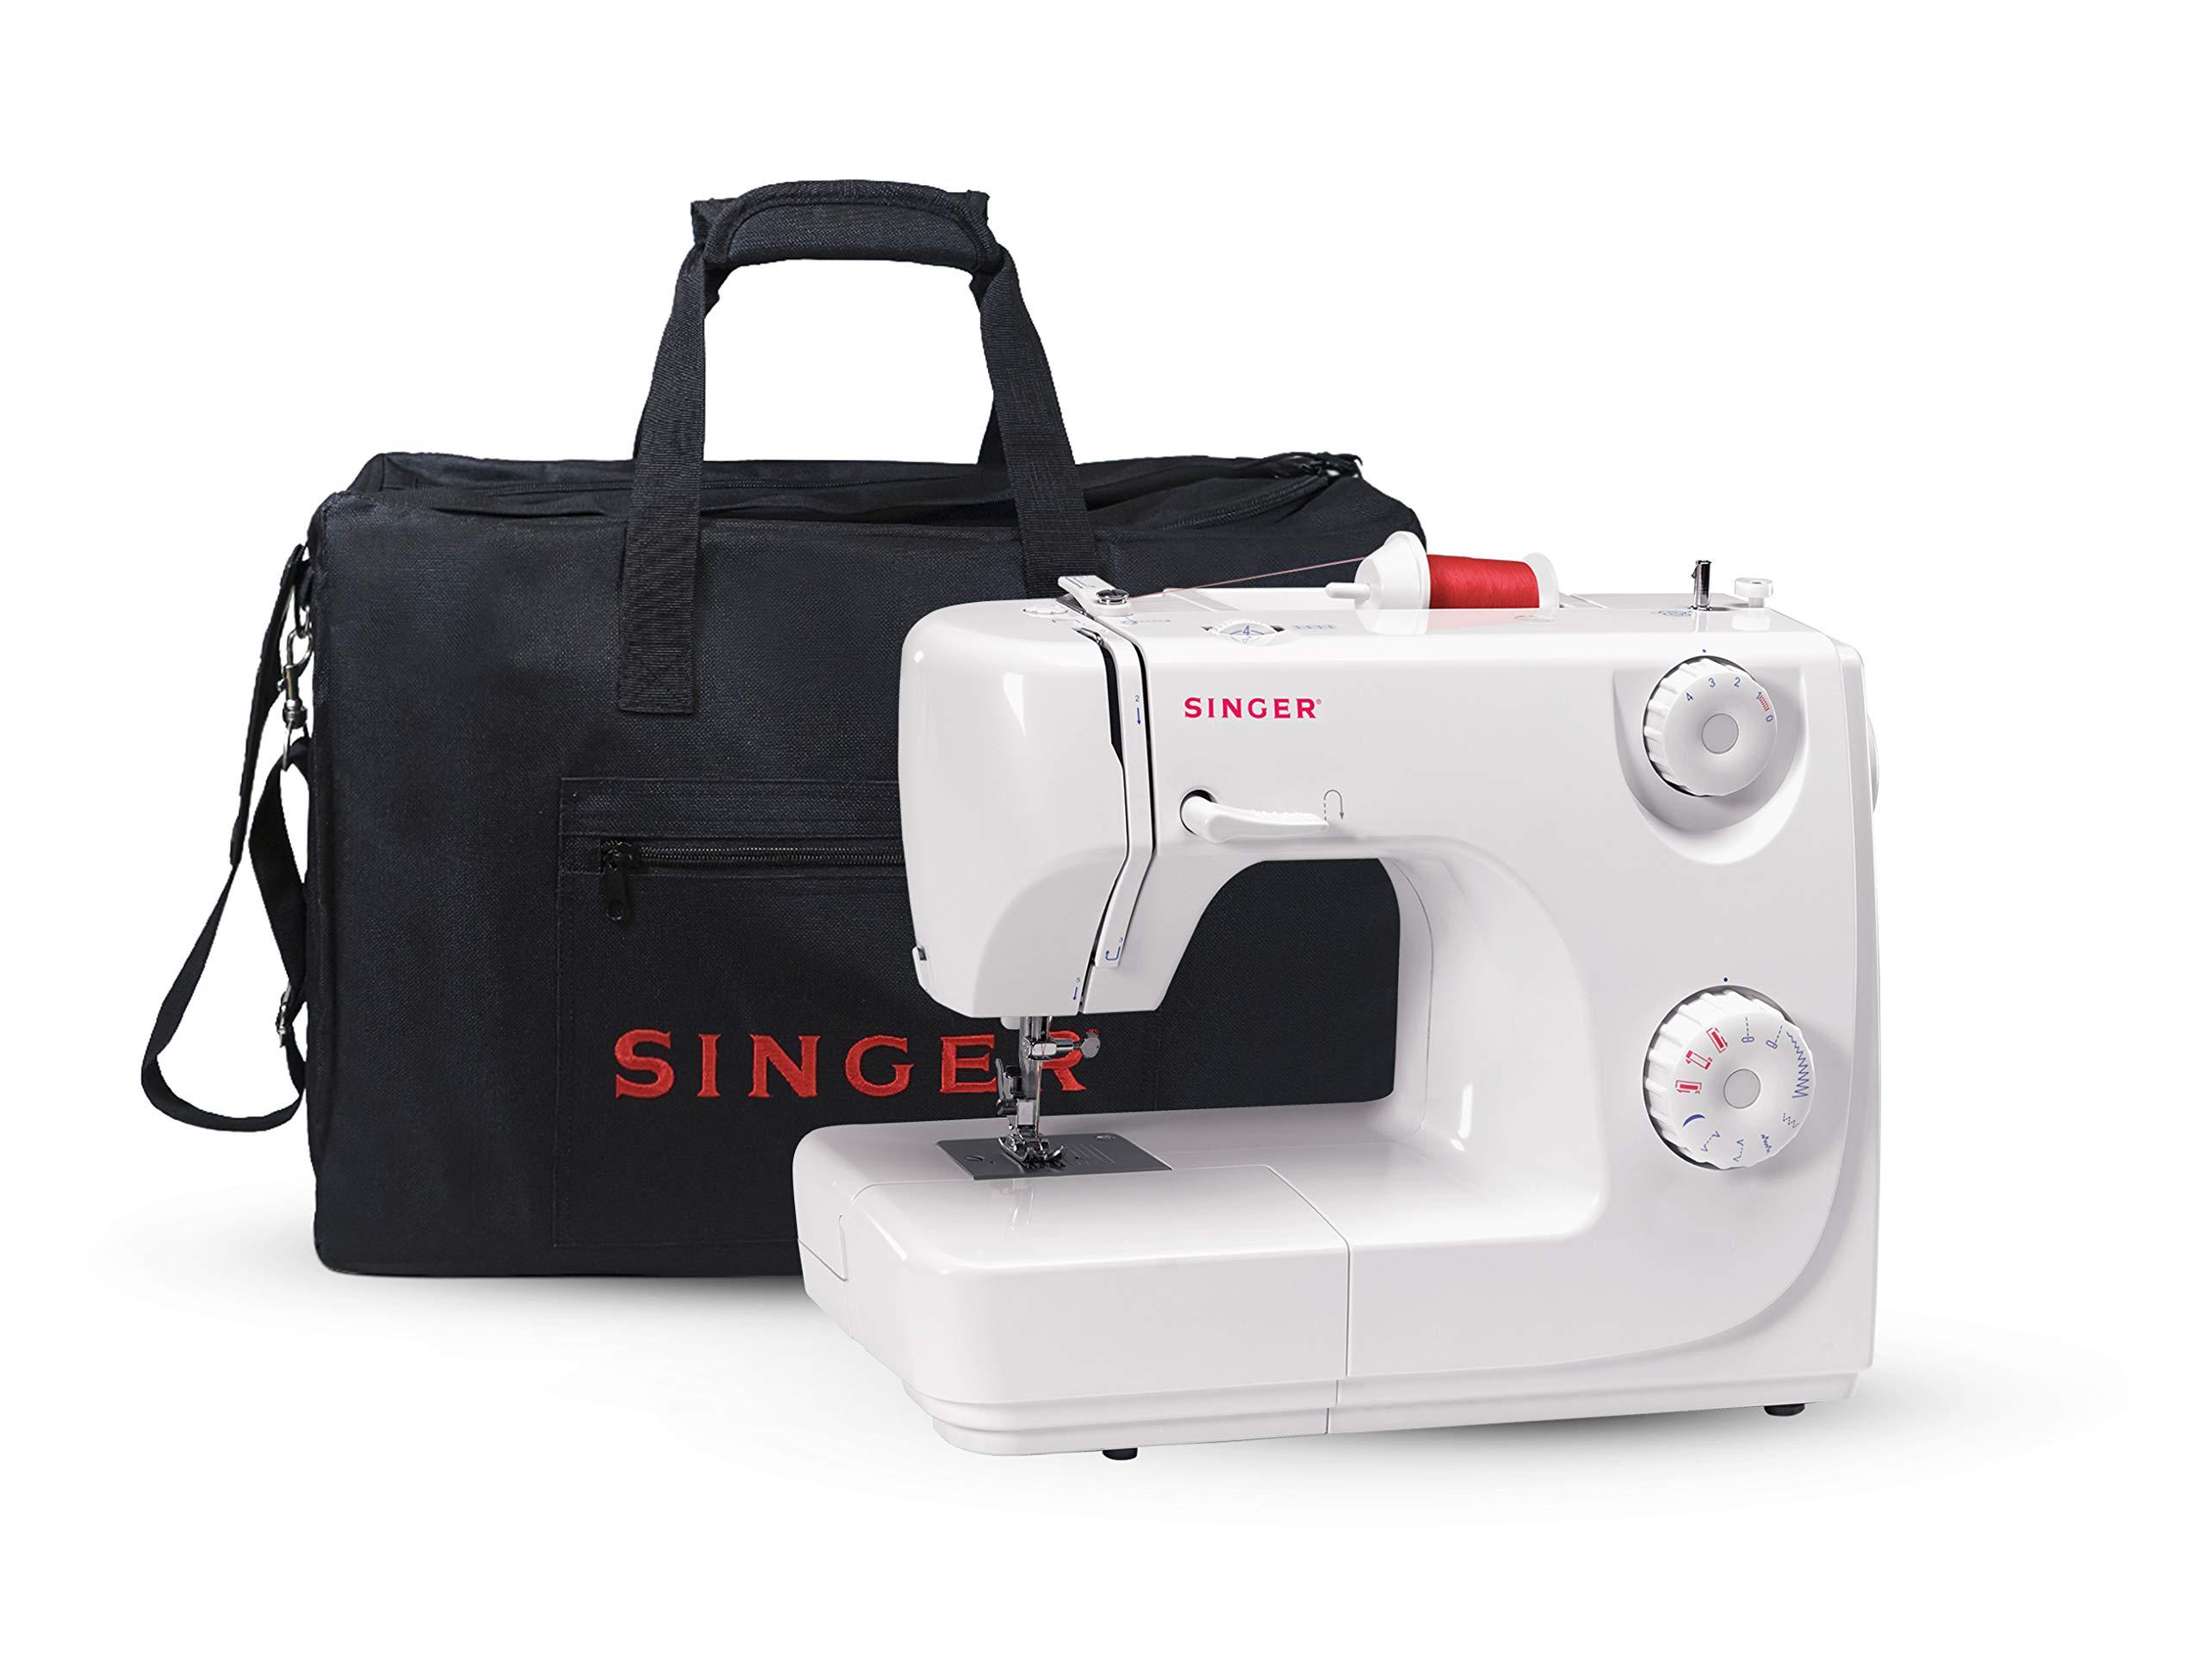 Singer 8280 - Máquina de coser automática, 8 puntadas, color blanco + Funda Singer para máquina de coser, color negro: Amazon.es: Hogar